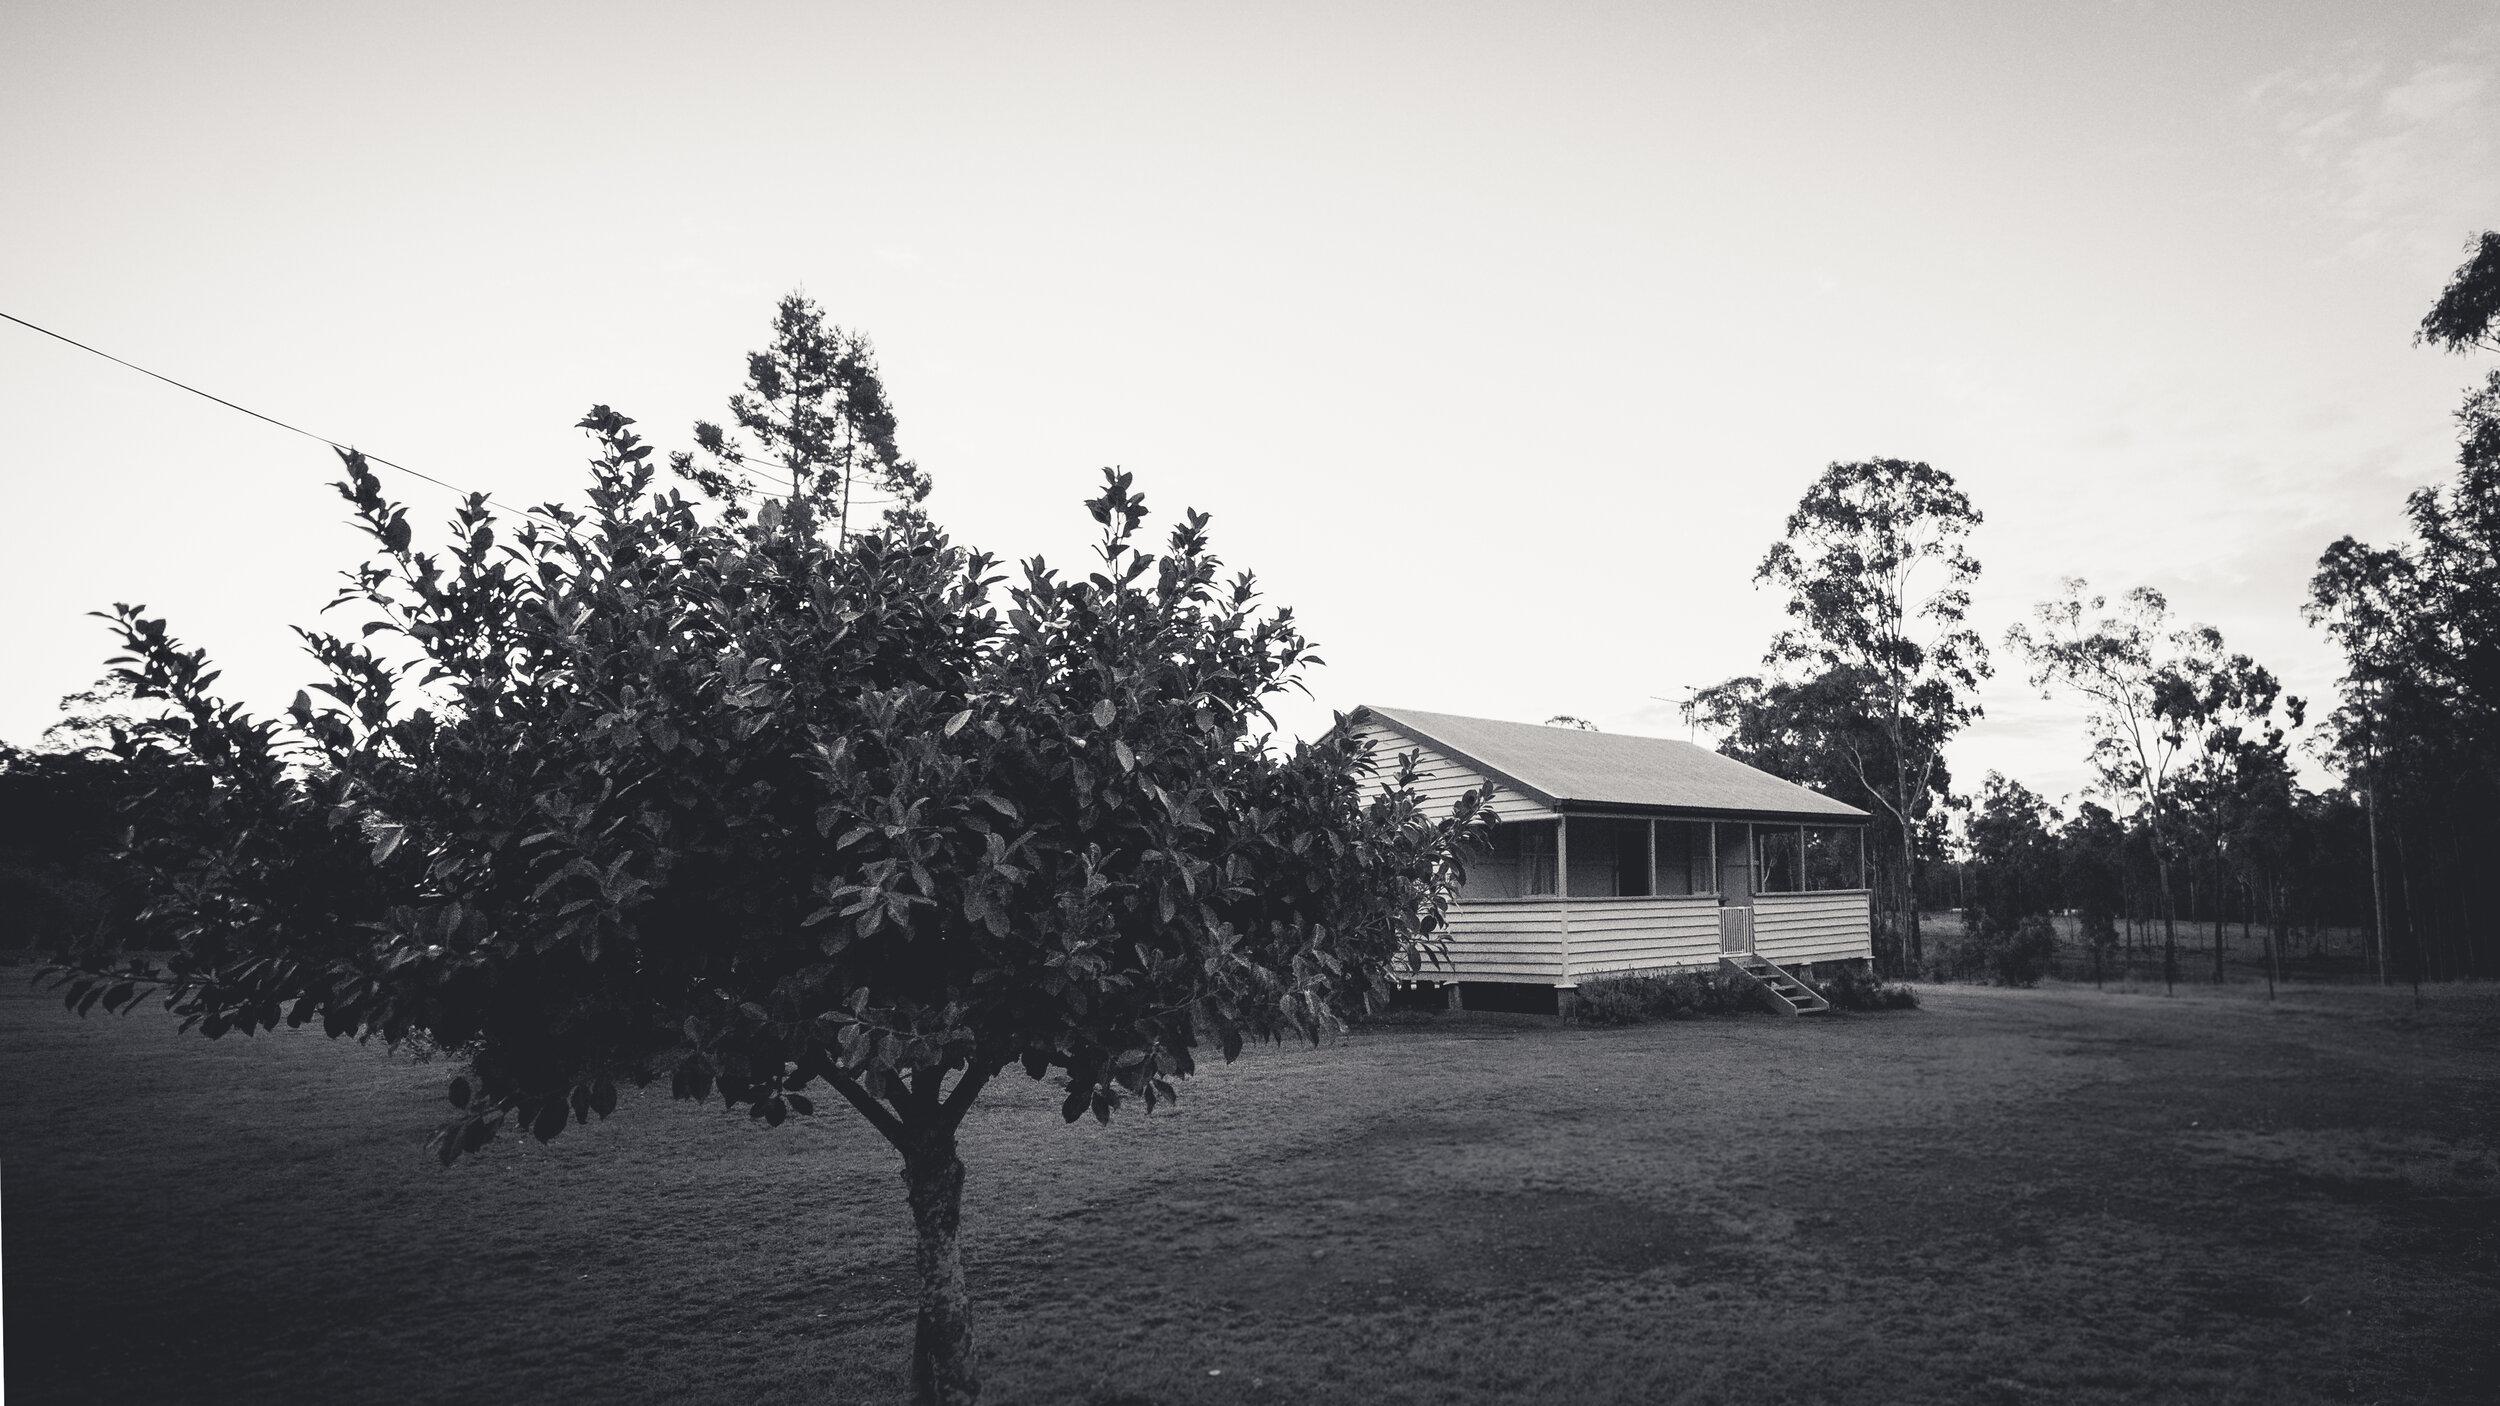 FarmB&W-21.jpg